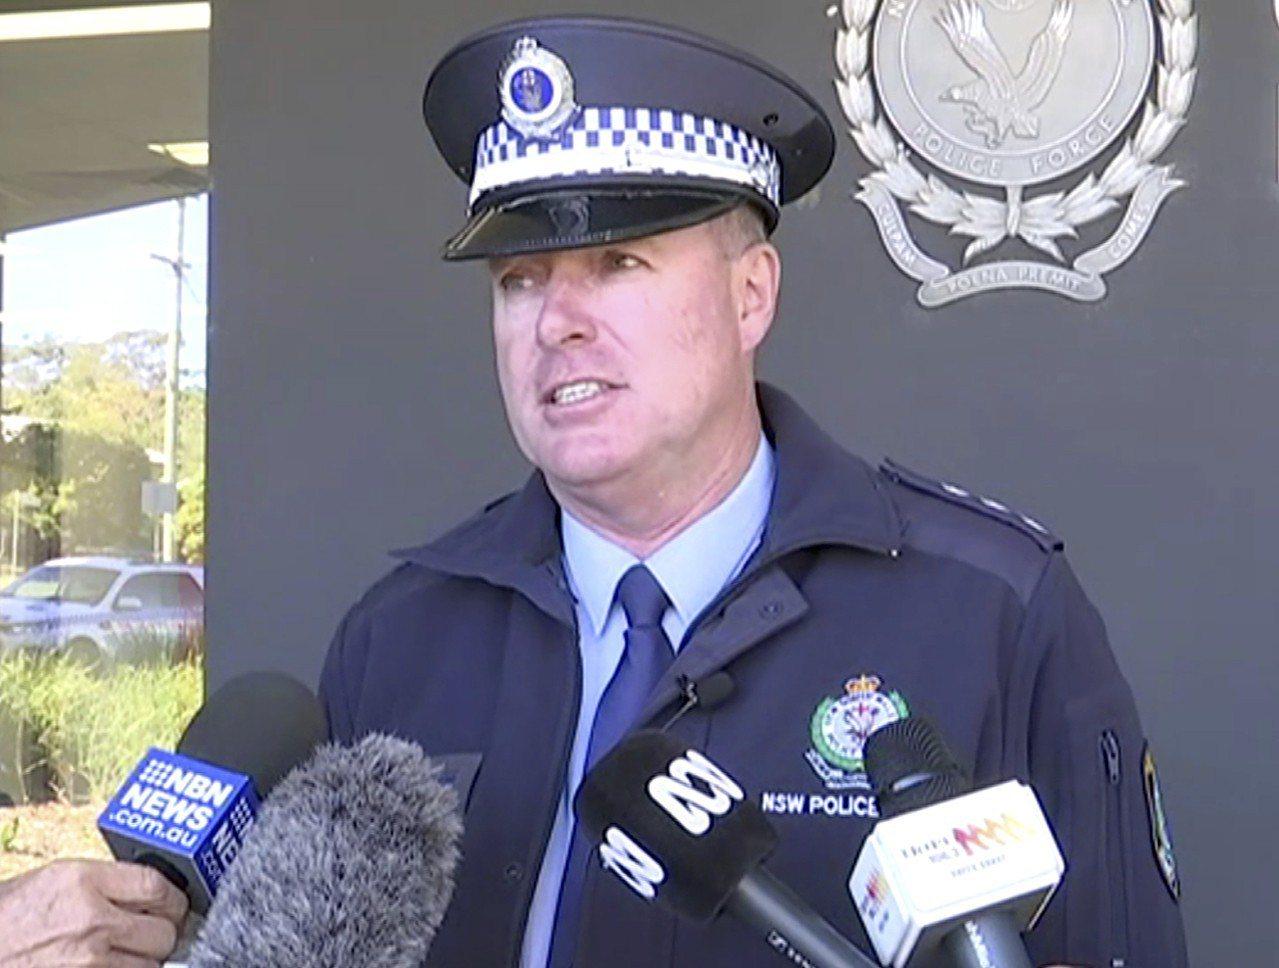 澳洲警官威廉斯15日說明4名孩童。(美聯社)